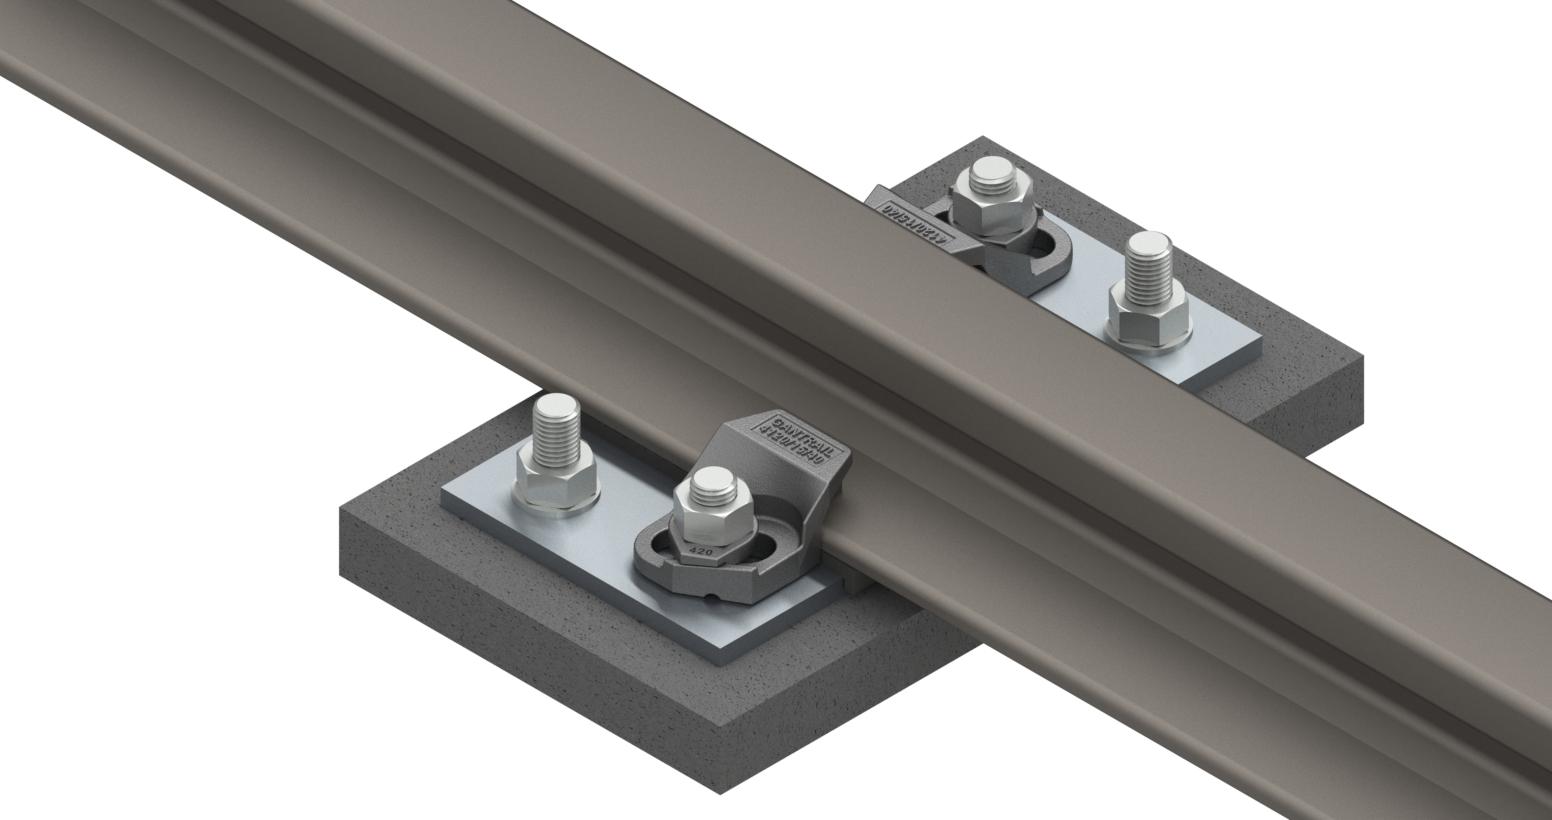 Gantrail Series 1 Rail Clip